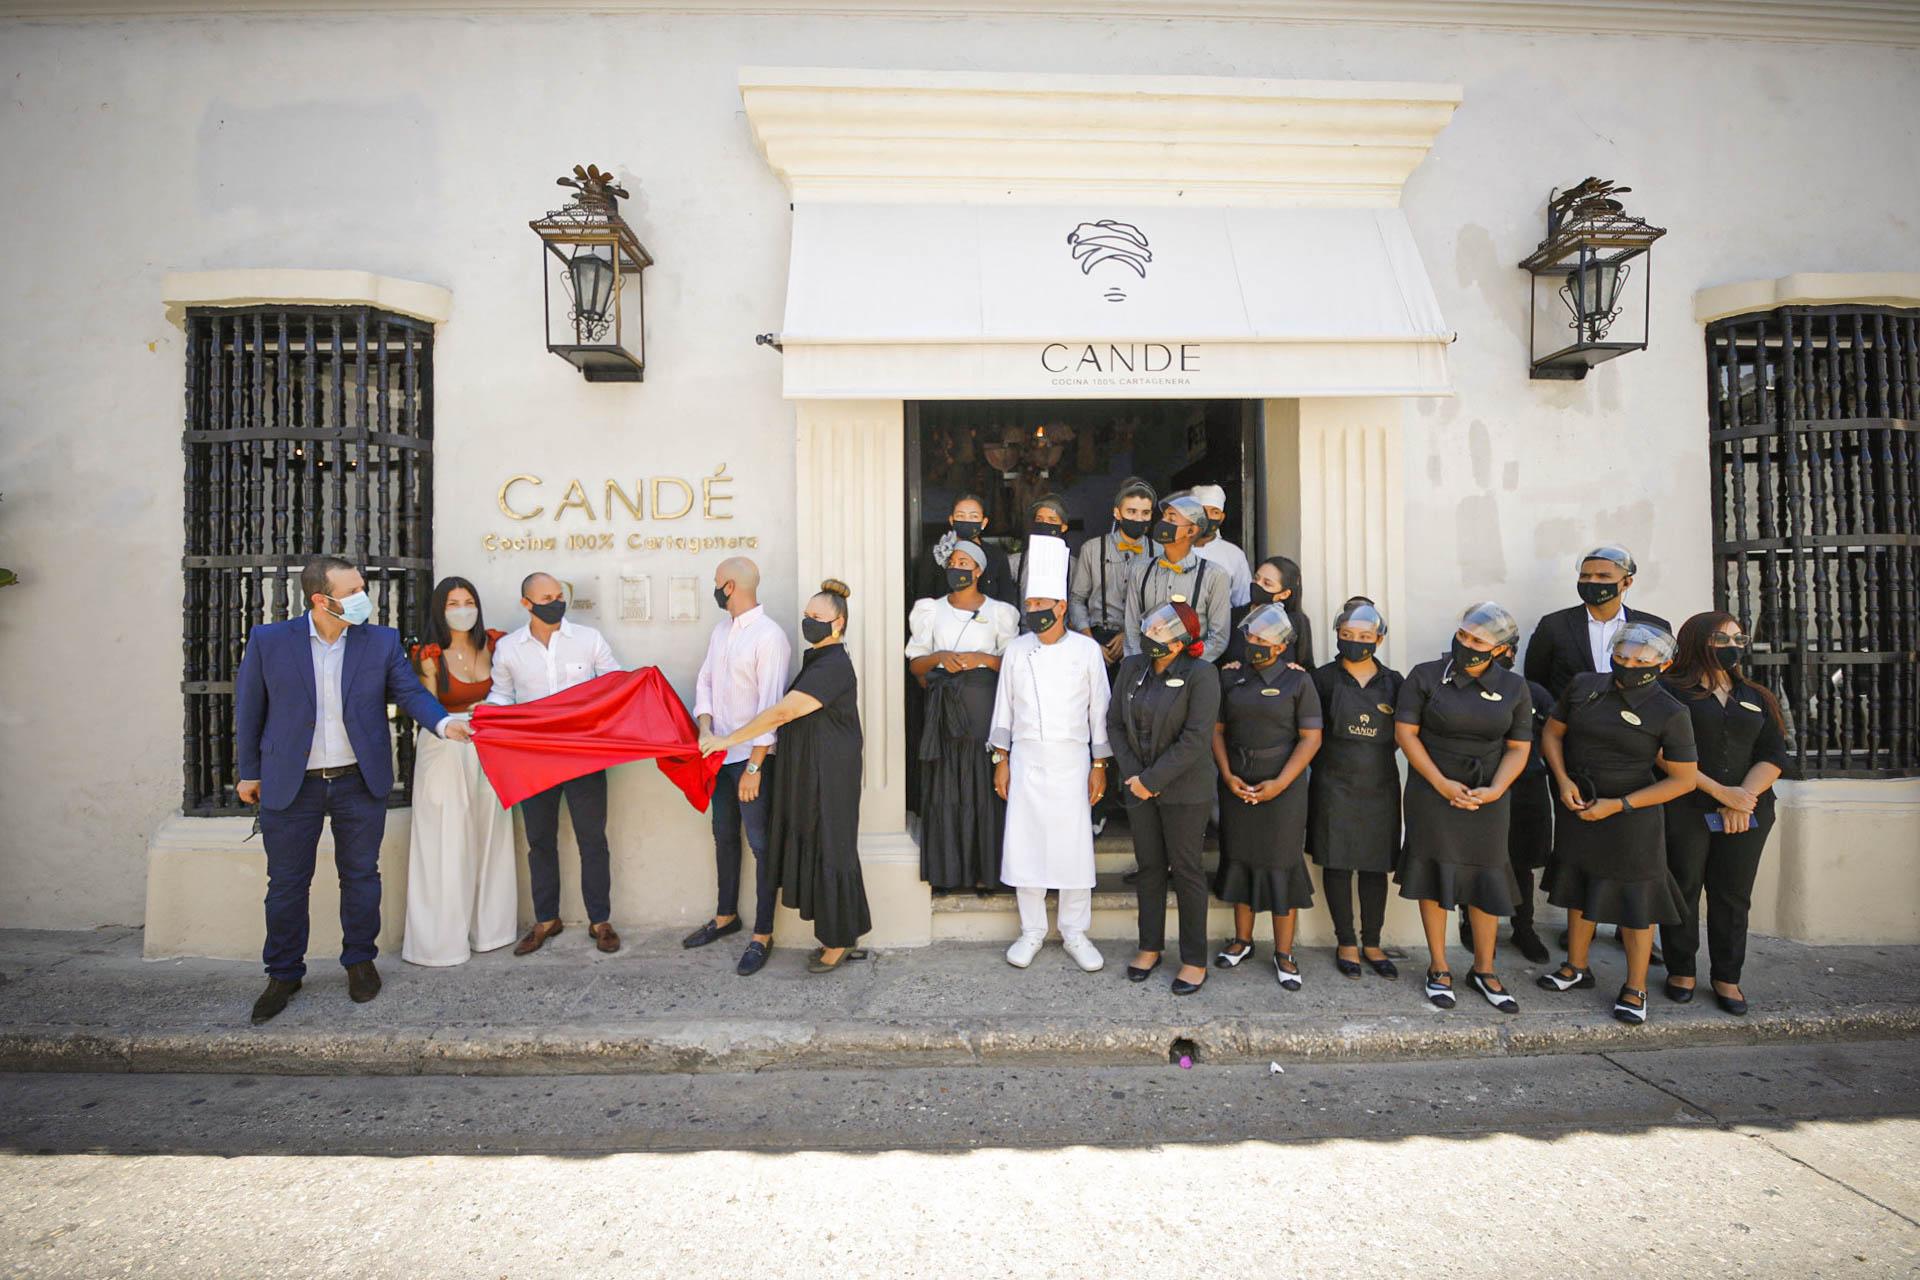 Cartagena reactiva economía y turismo desde la cocina tradicional